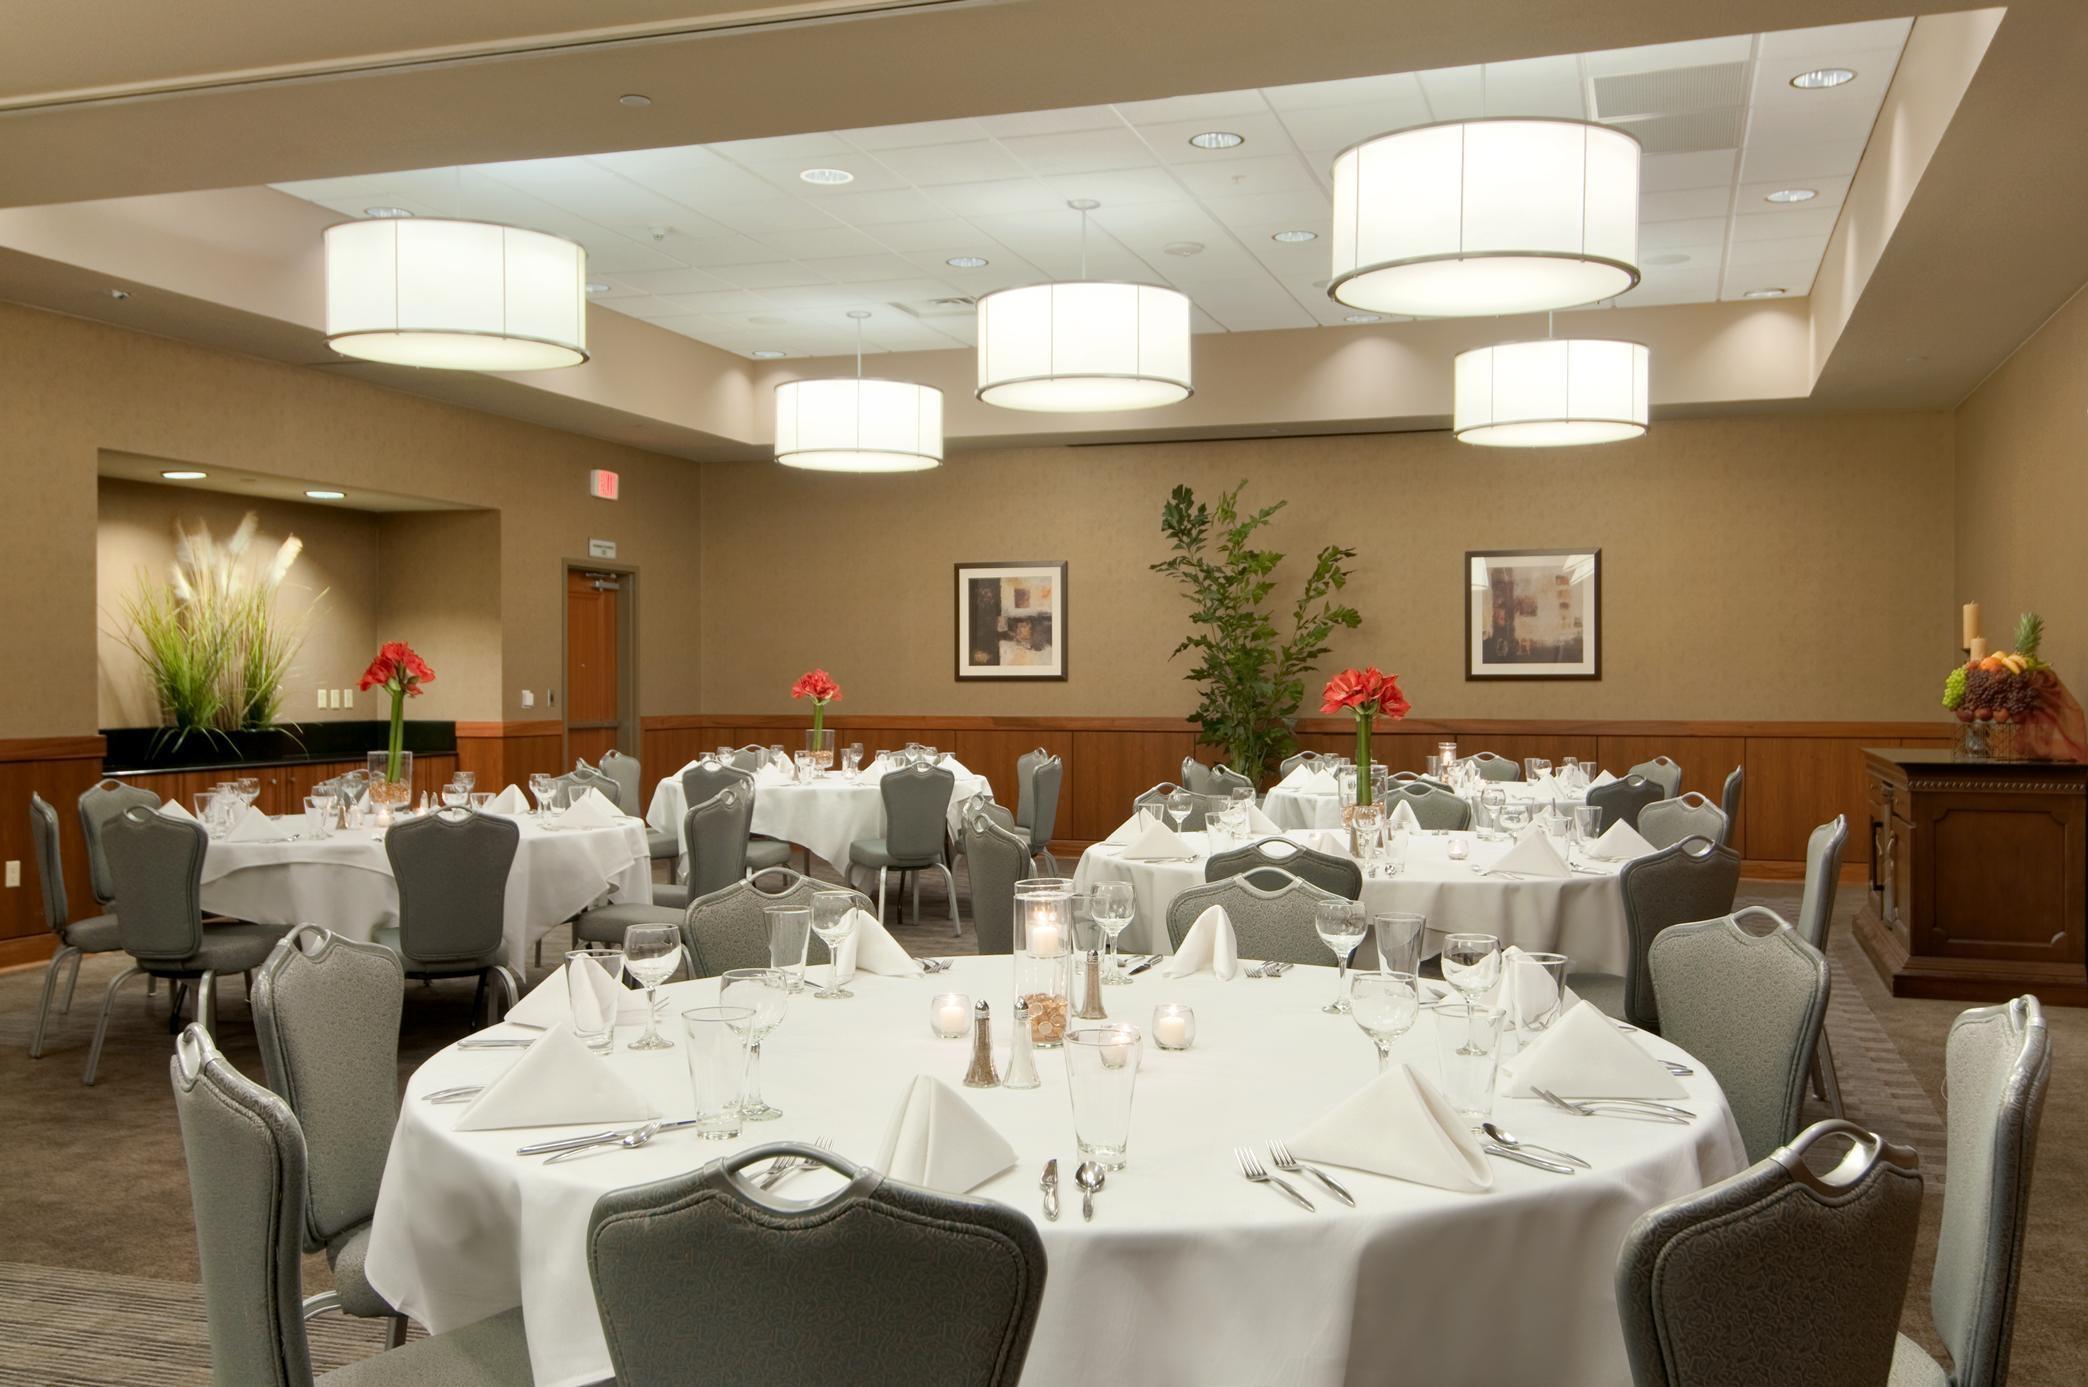 Sams Club Sunday Hours >> Hilton Shreveport, Shreveport Louisiana (LA) - LocalDatabase.com